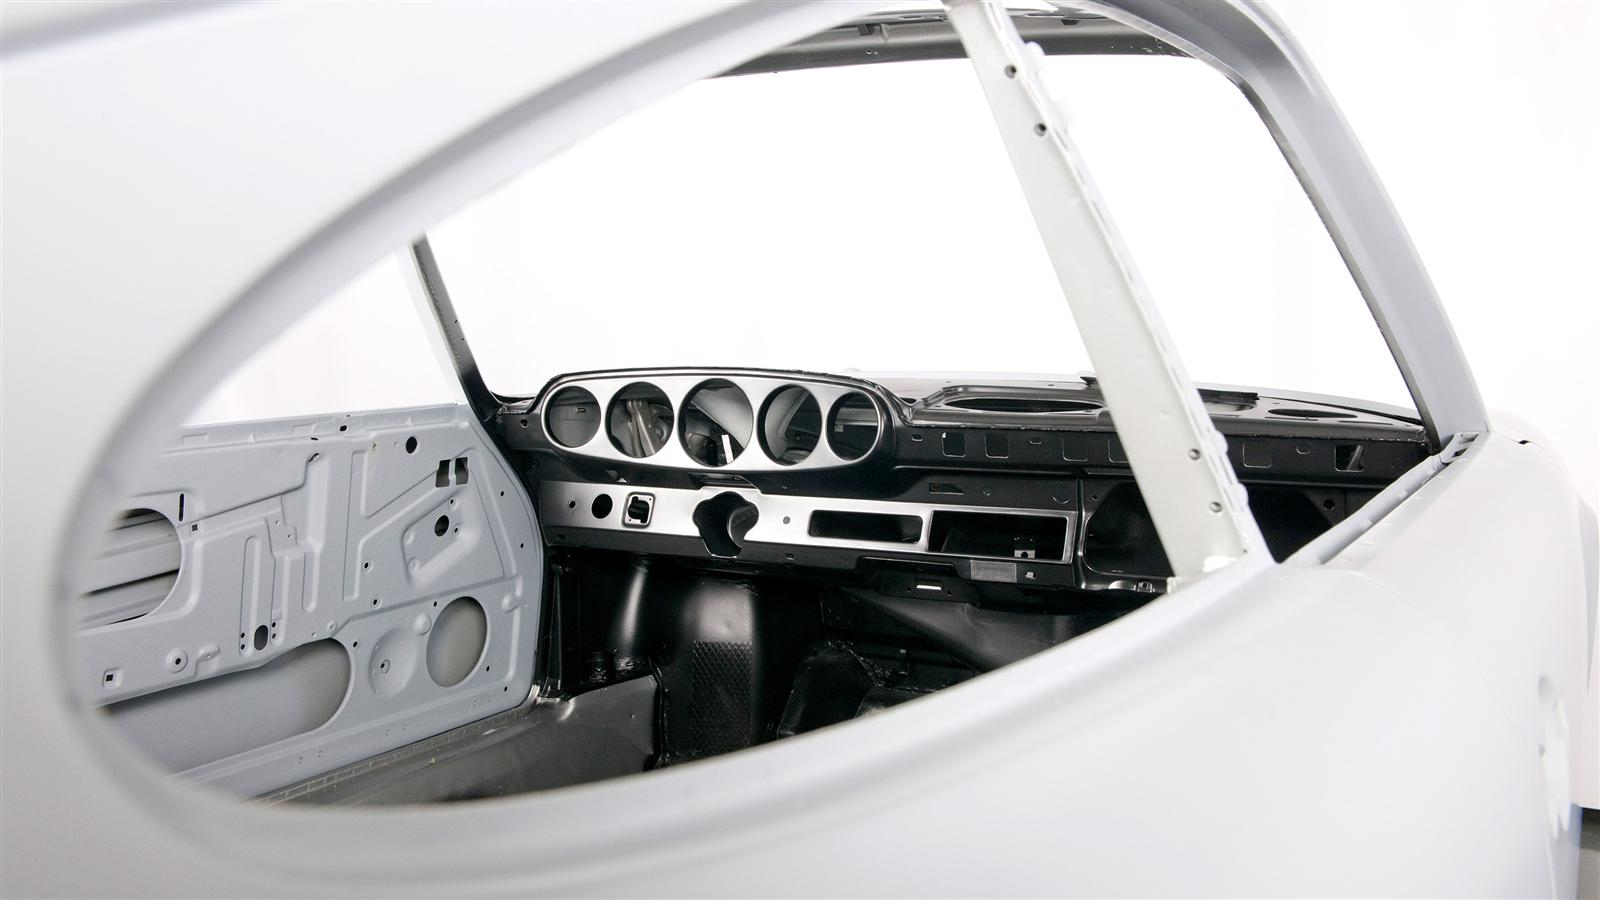 Porsche 911 Factory Restoration work